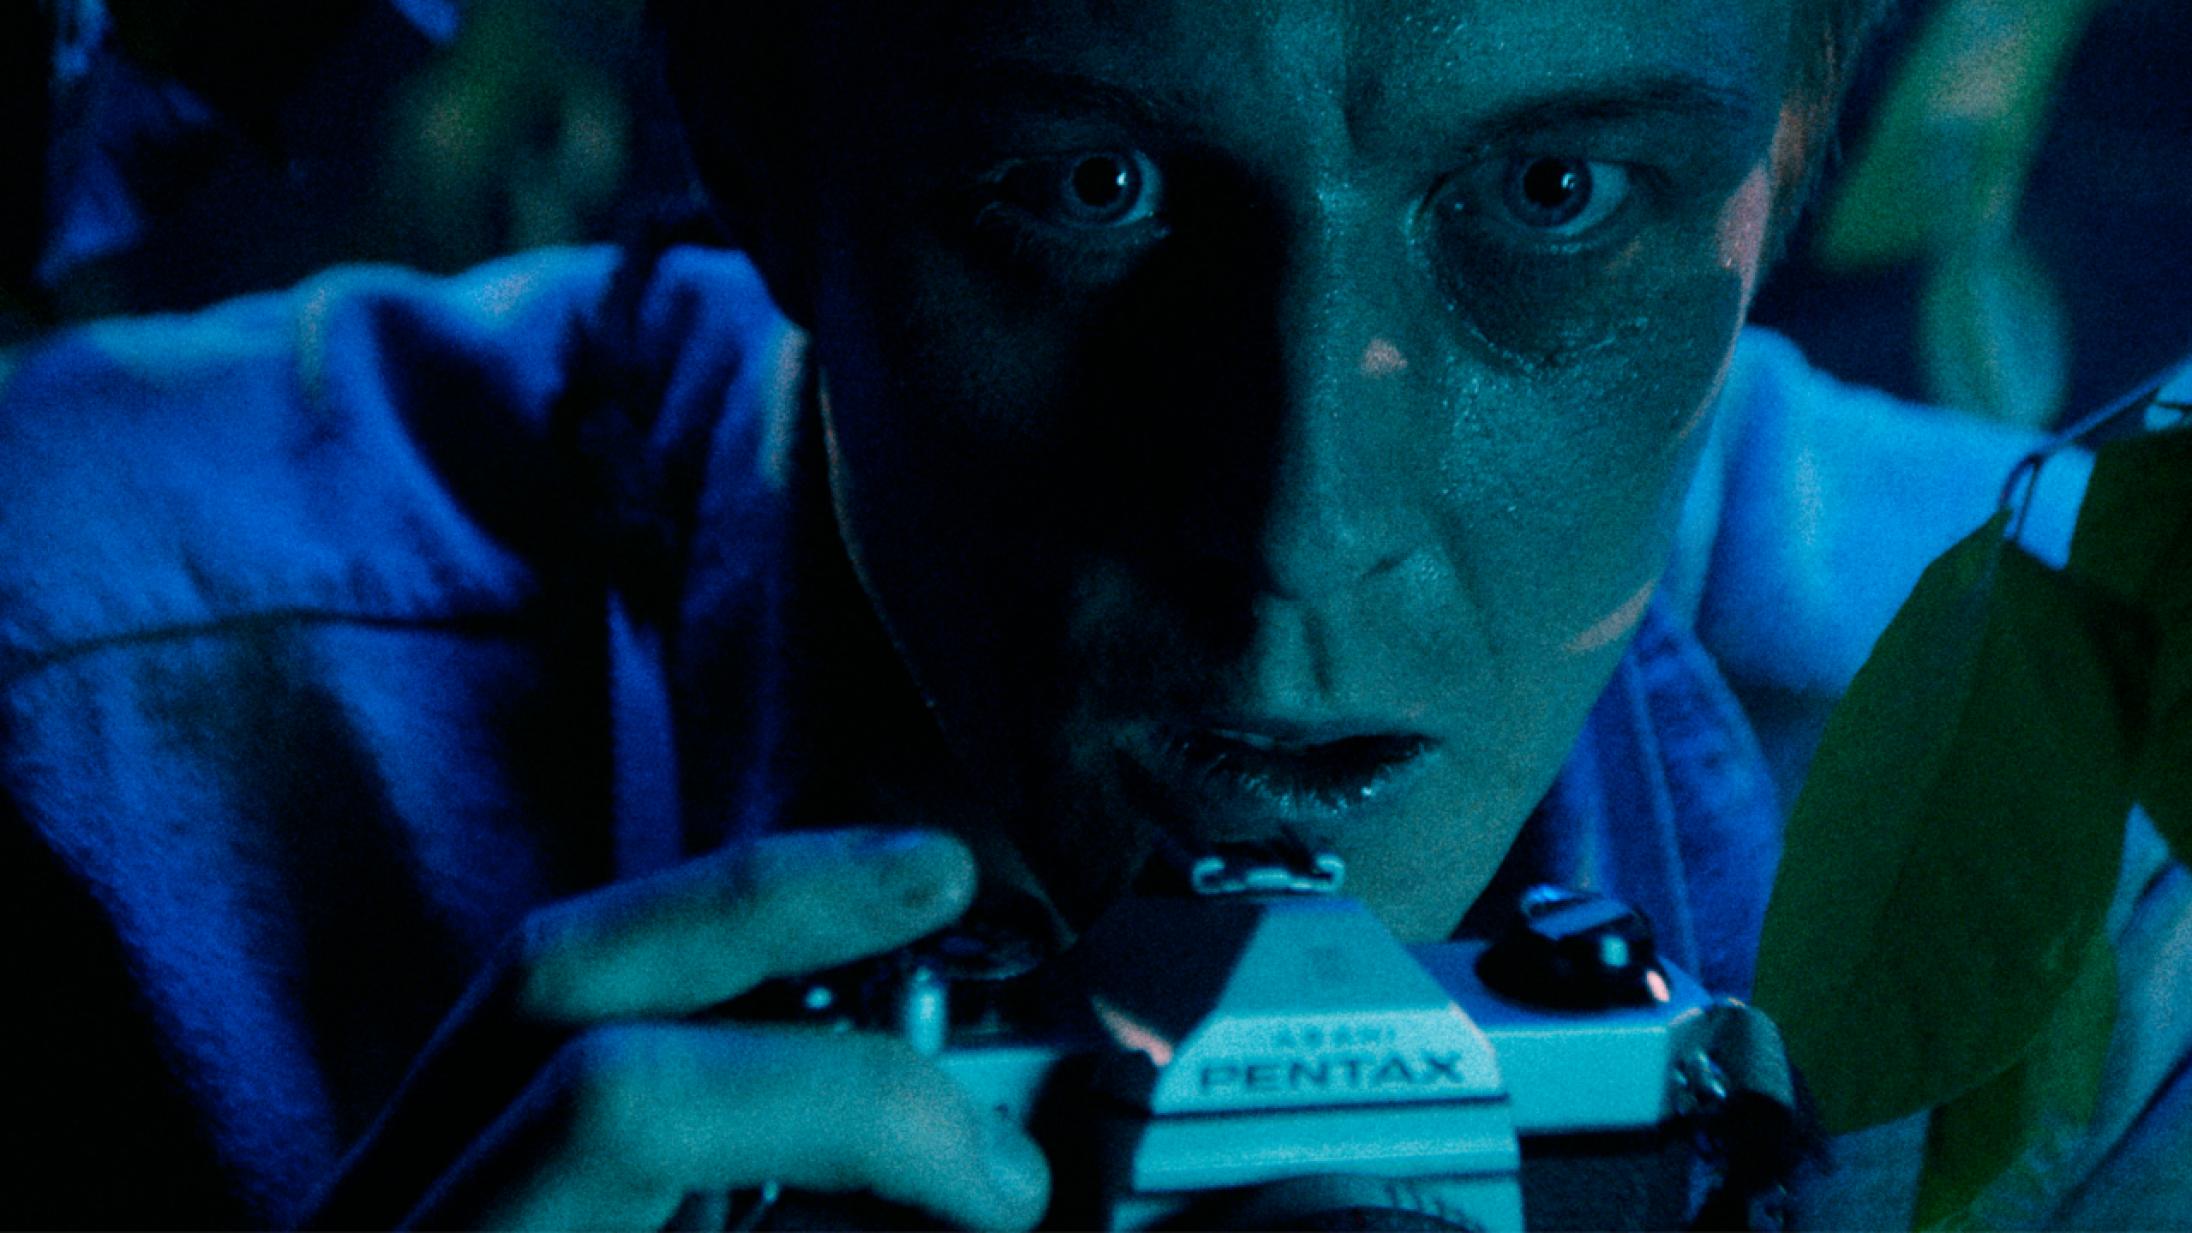 'Den blå orkidé: Liderligt mørke og sanseligt syretrip er et særsyn i dansk film